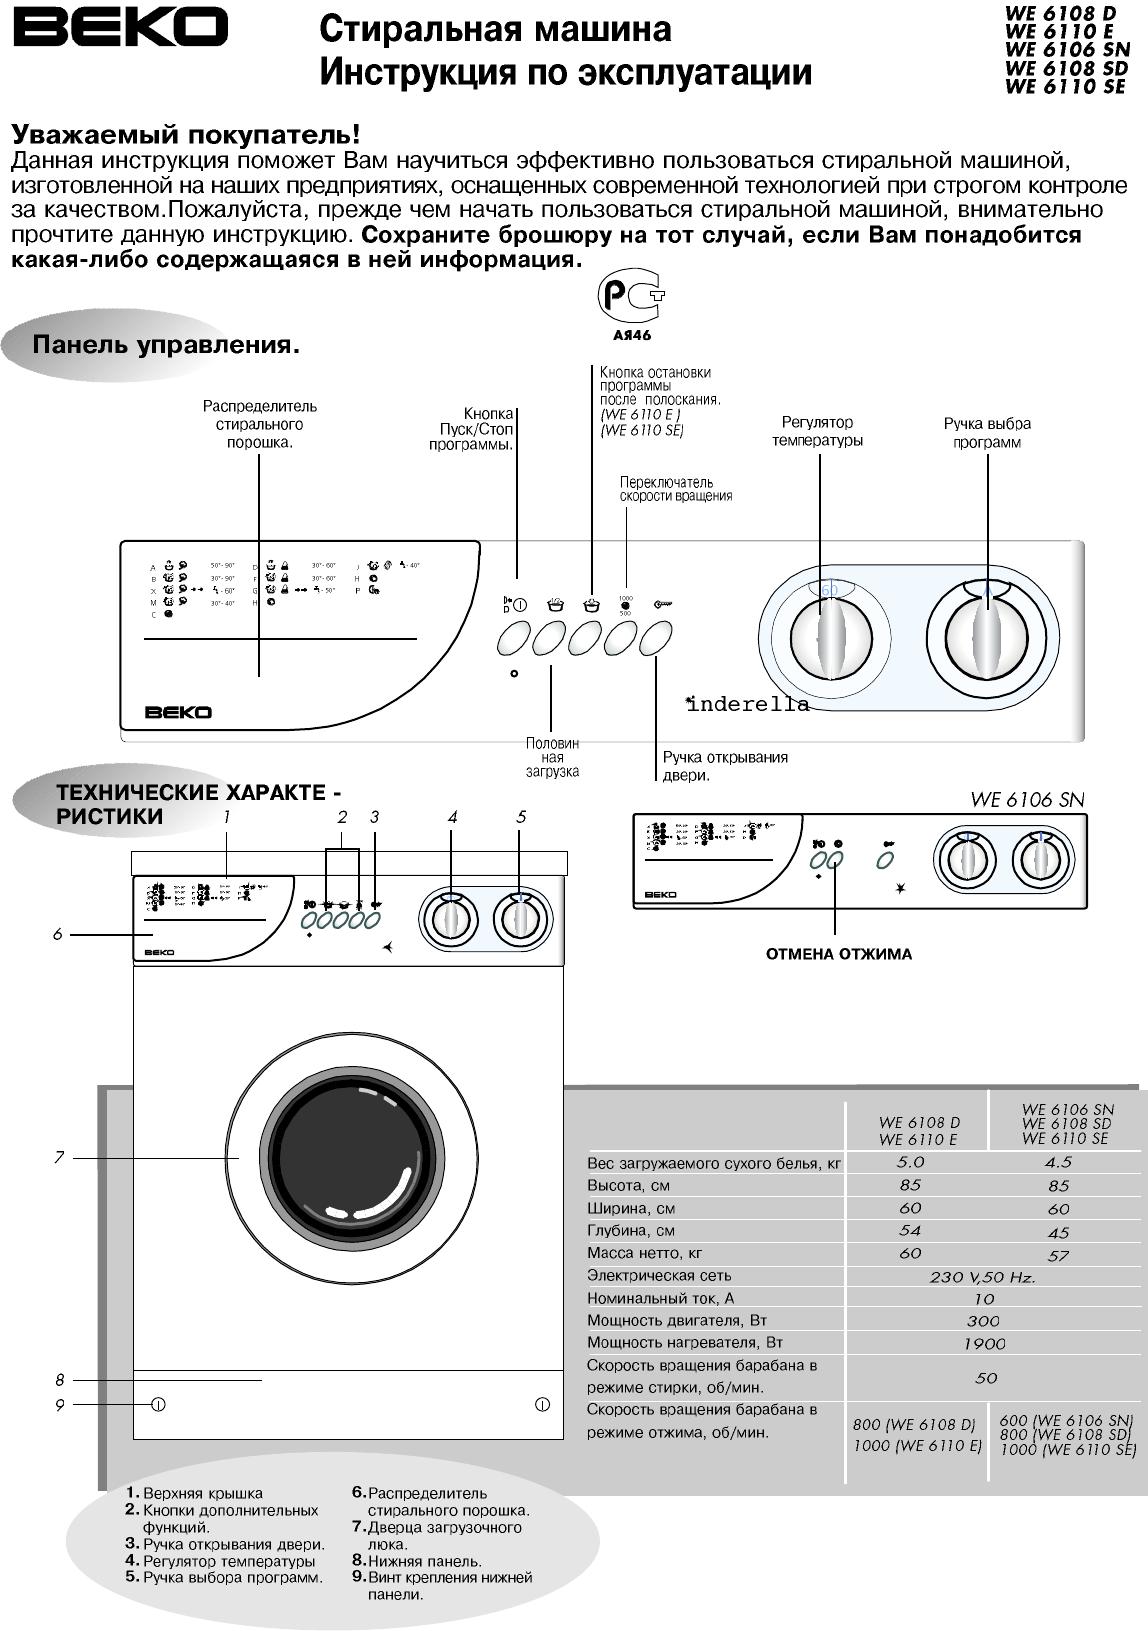 инструкция по эксплуатации стиральной машины zanussi wdt 1096 h